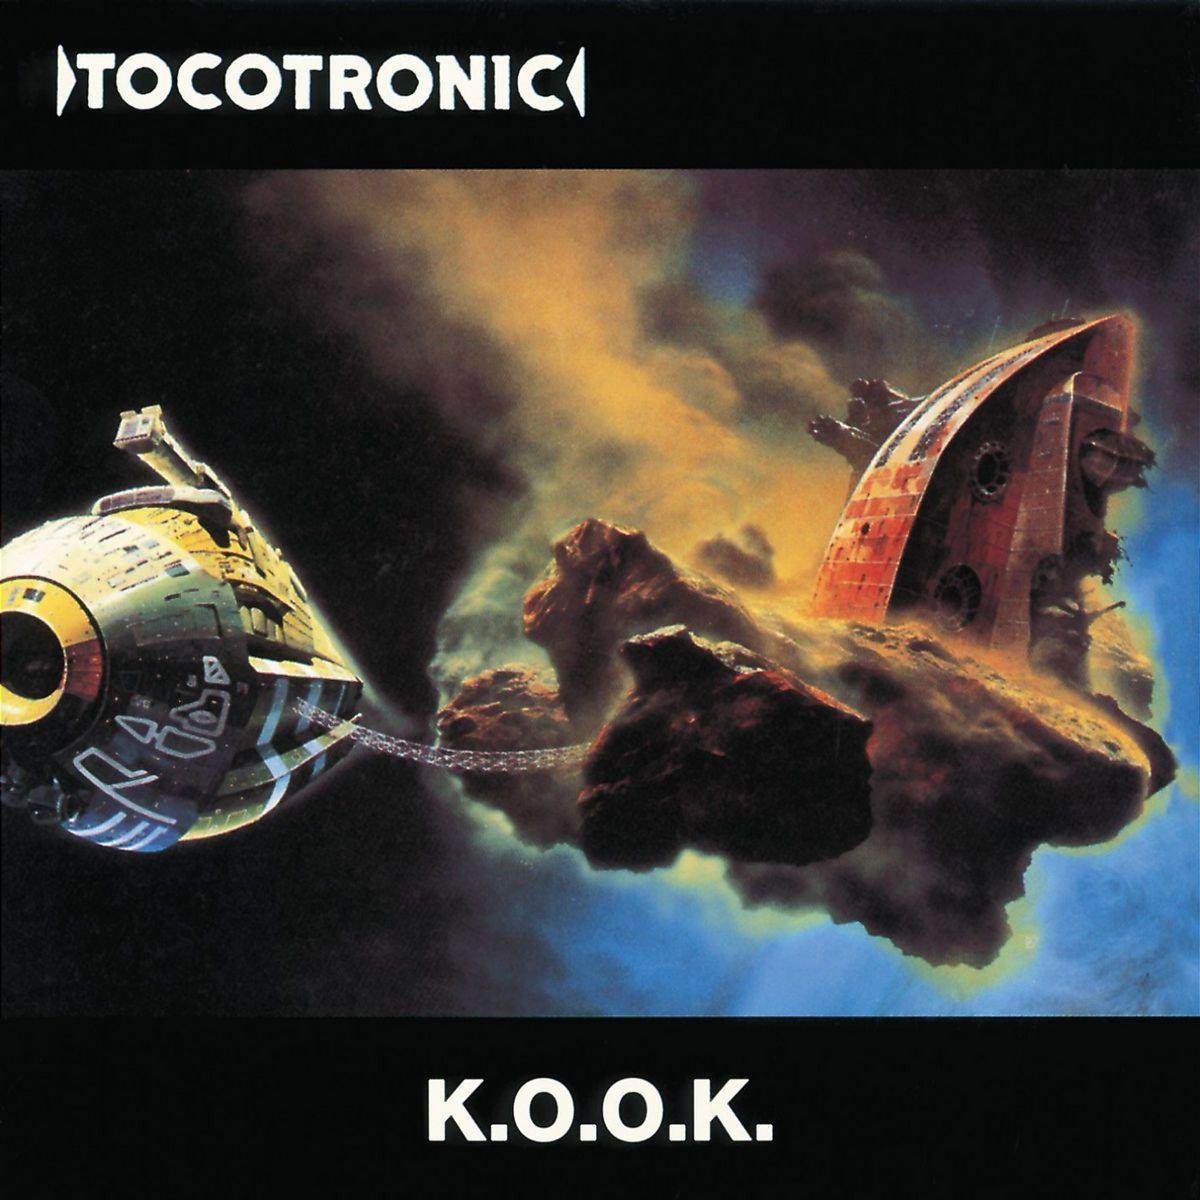 kook tocotronic